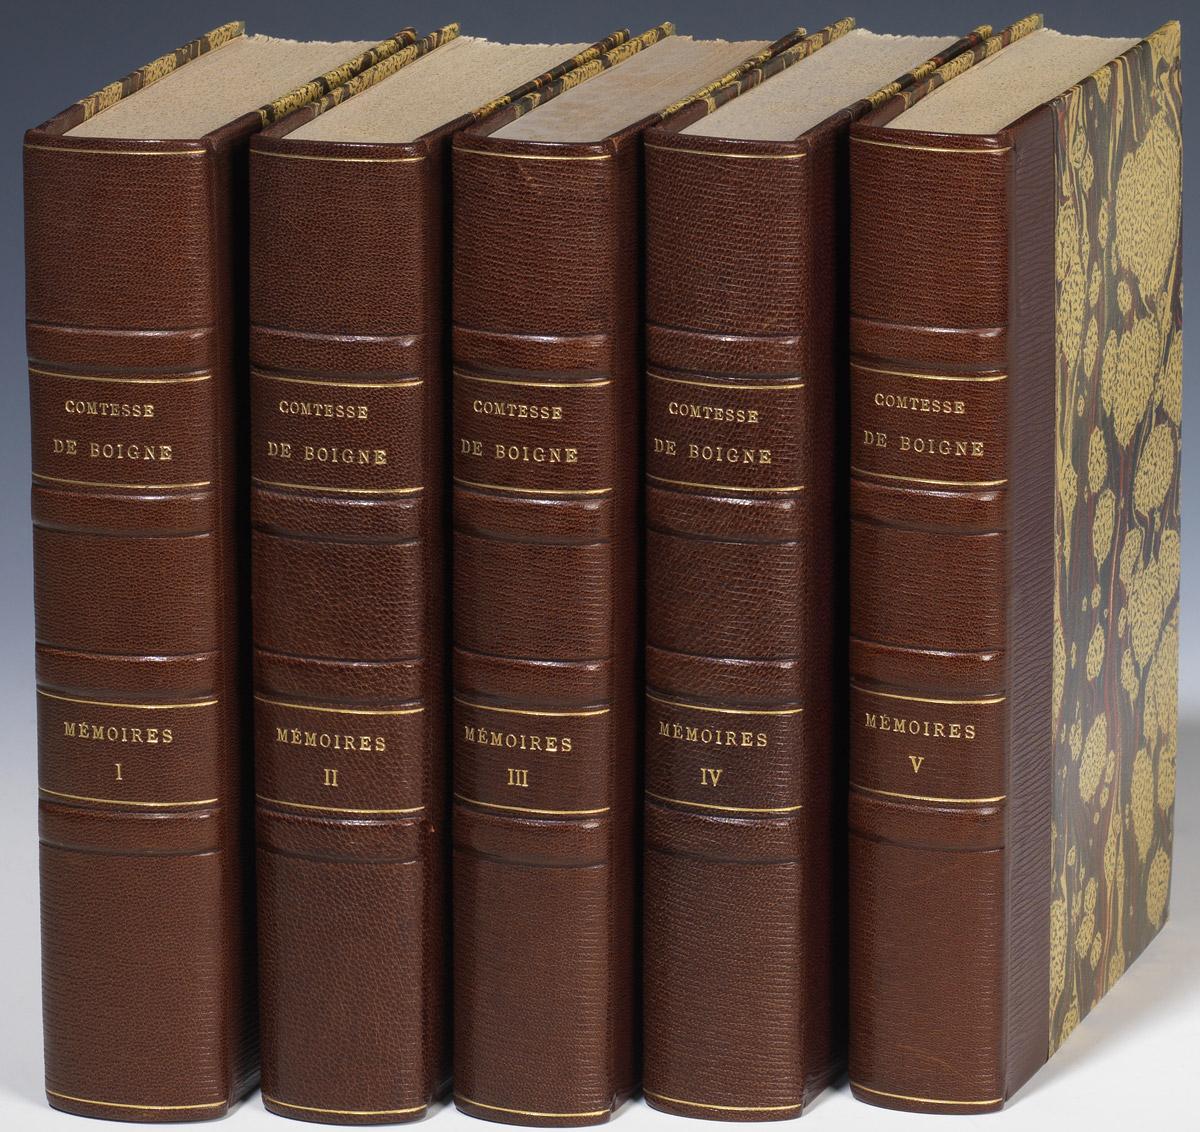 Mémoires de la comtese de Boigne - Patrimoine Charles-André COLONNA WALEWSKI, en ligne directe de Napoléon